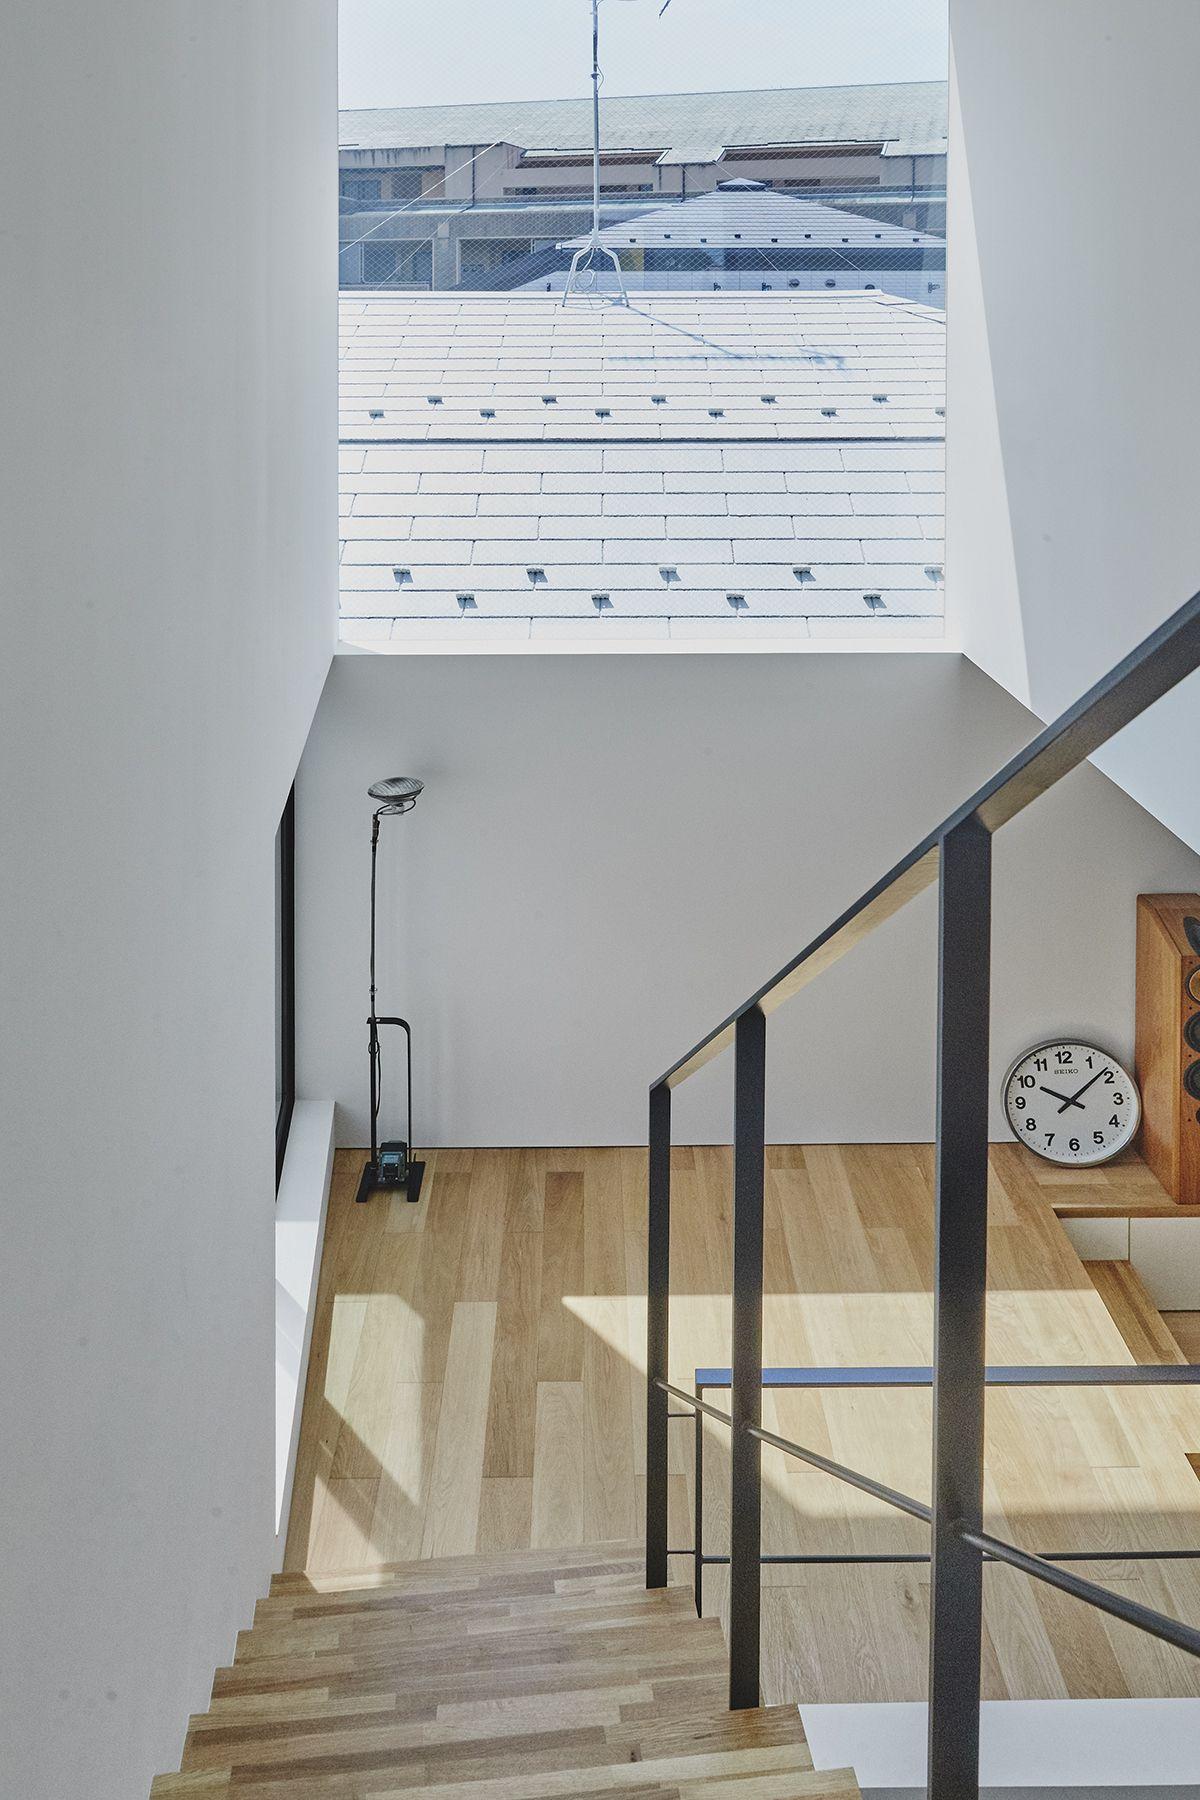 桜新町の家/個人宅 (サクラシンマチノイエ)3Fから2Fへの階段